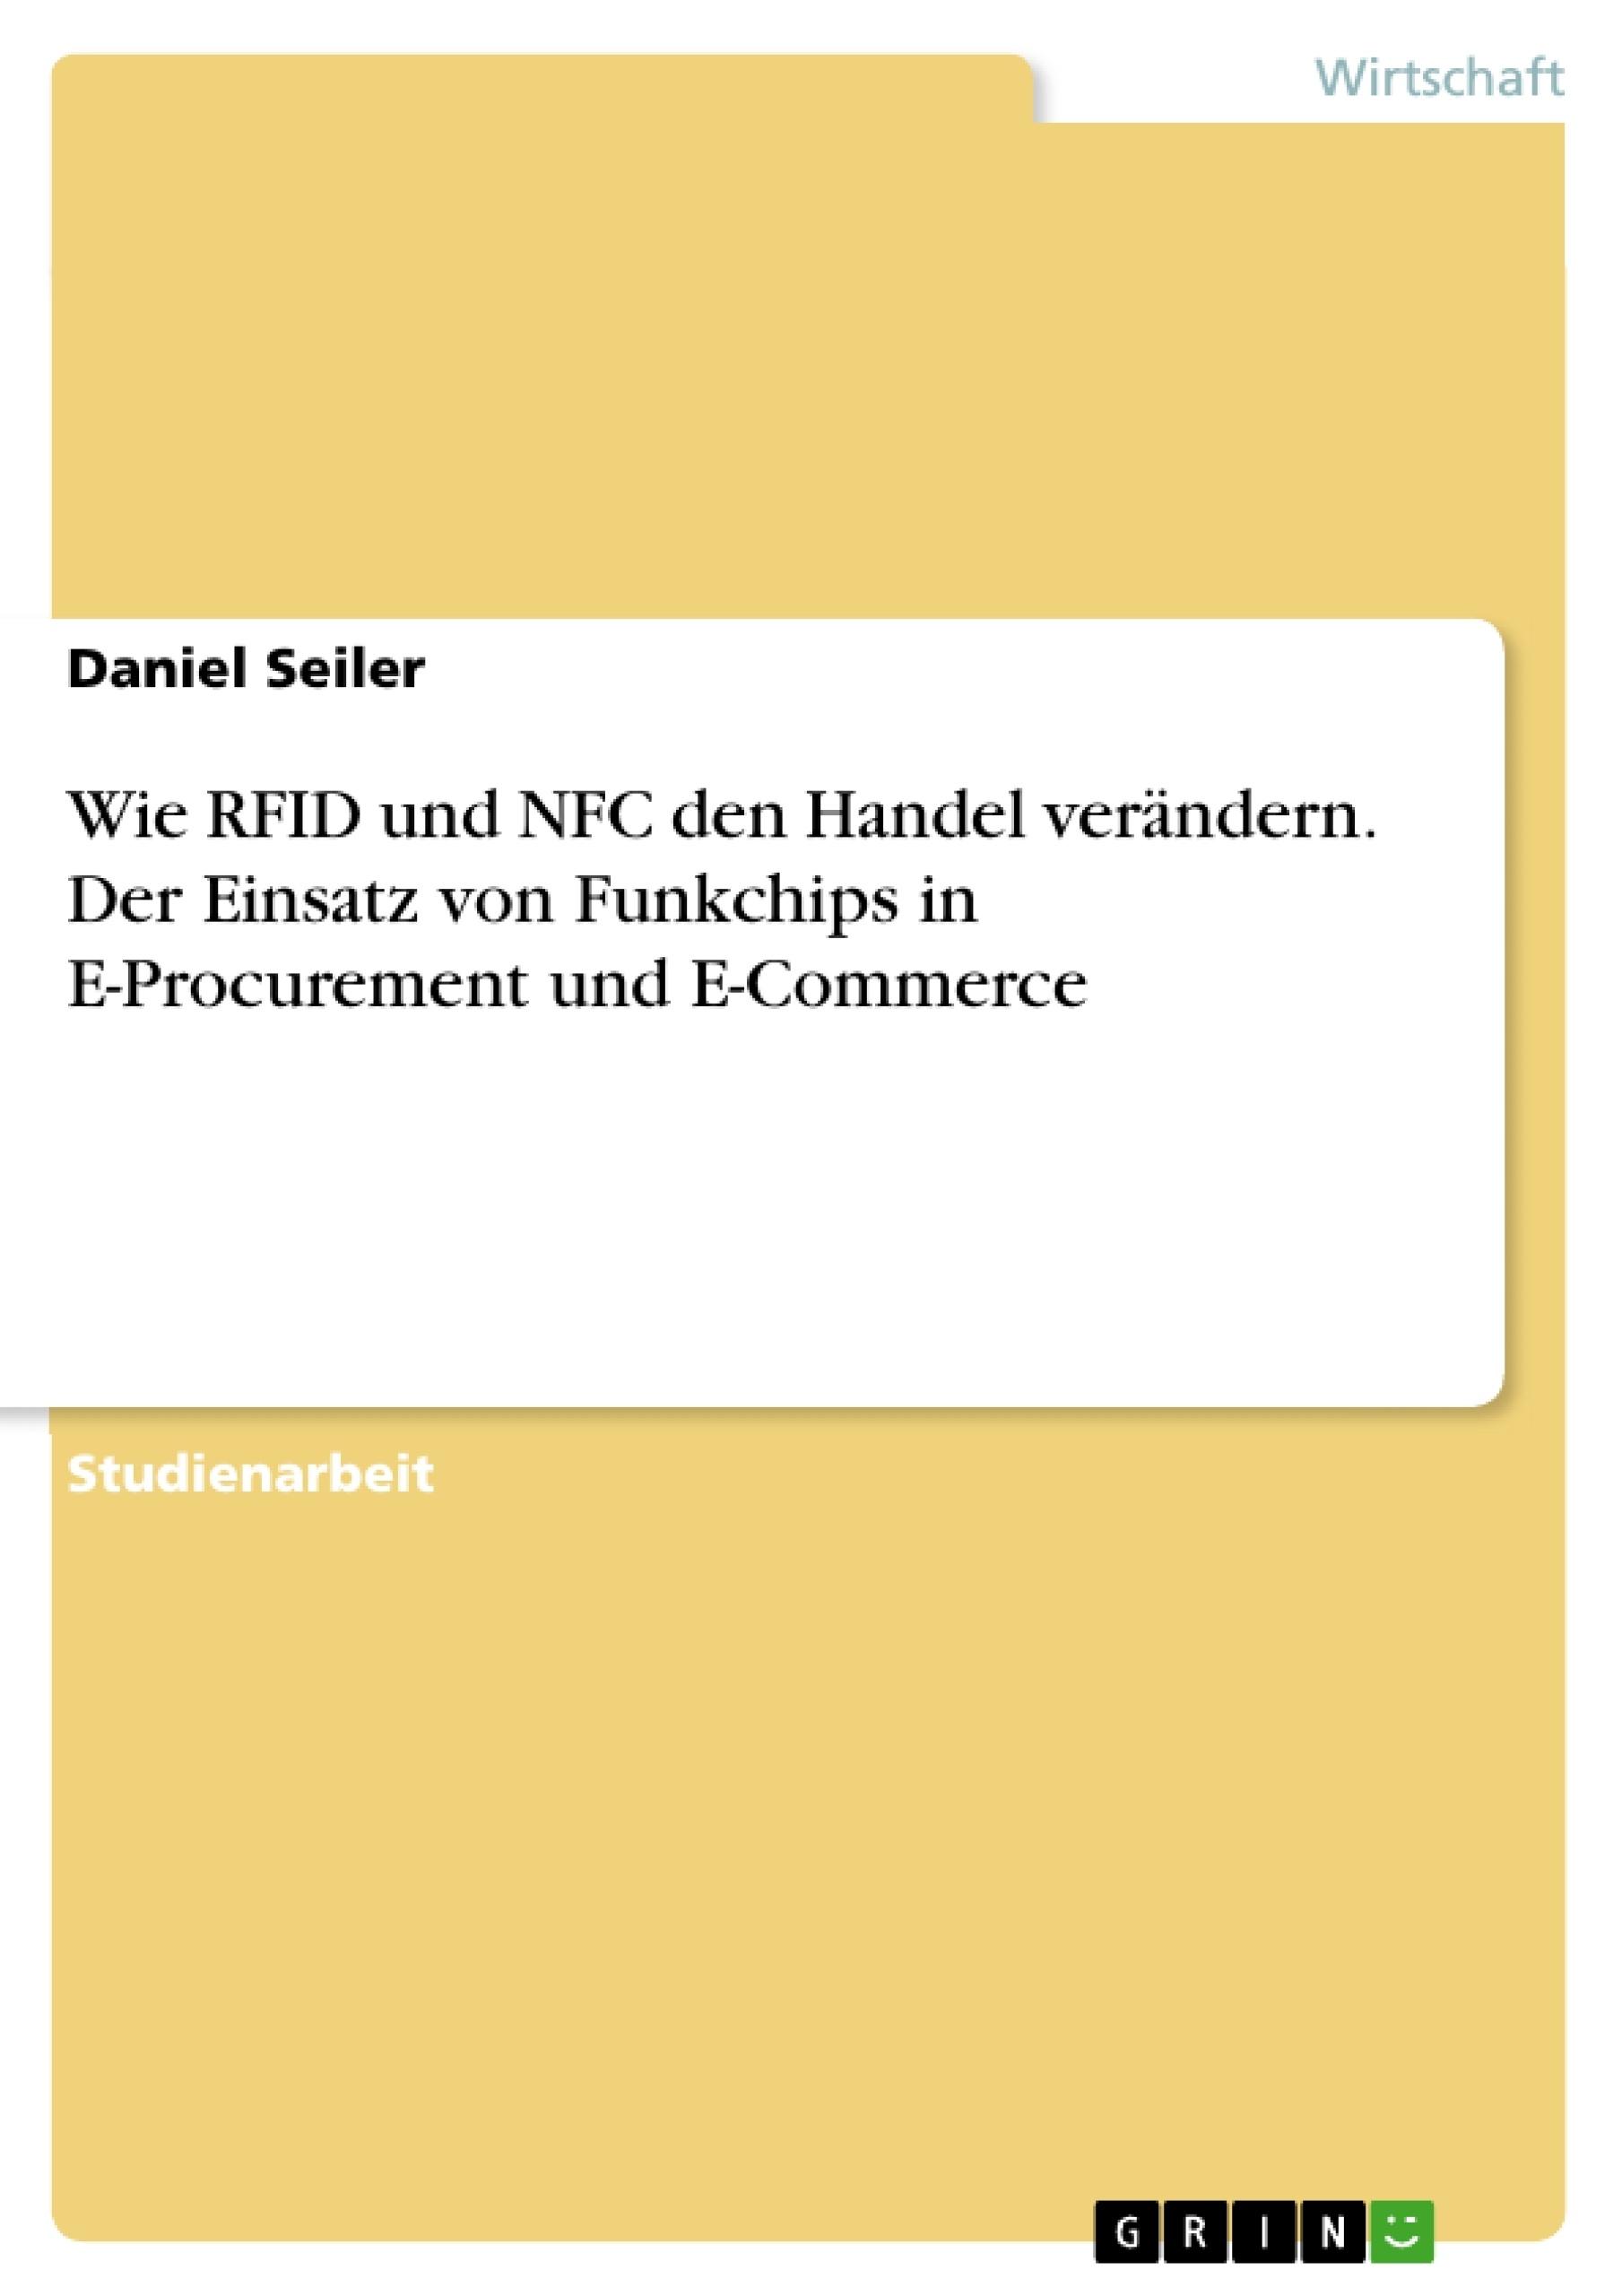 Titel: Wie RFID und NFC den Handel verändern. Der Einsatz von Funkchips in E-Procurement und E-Commerce